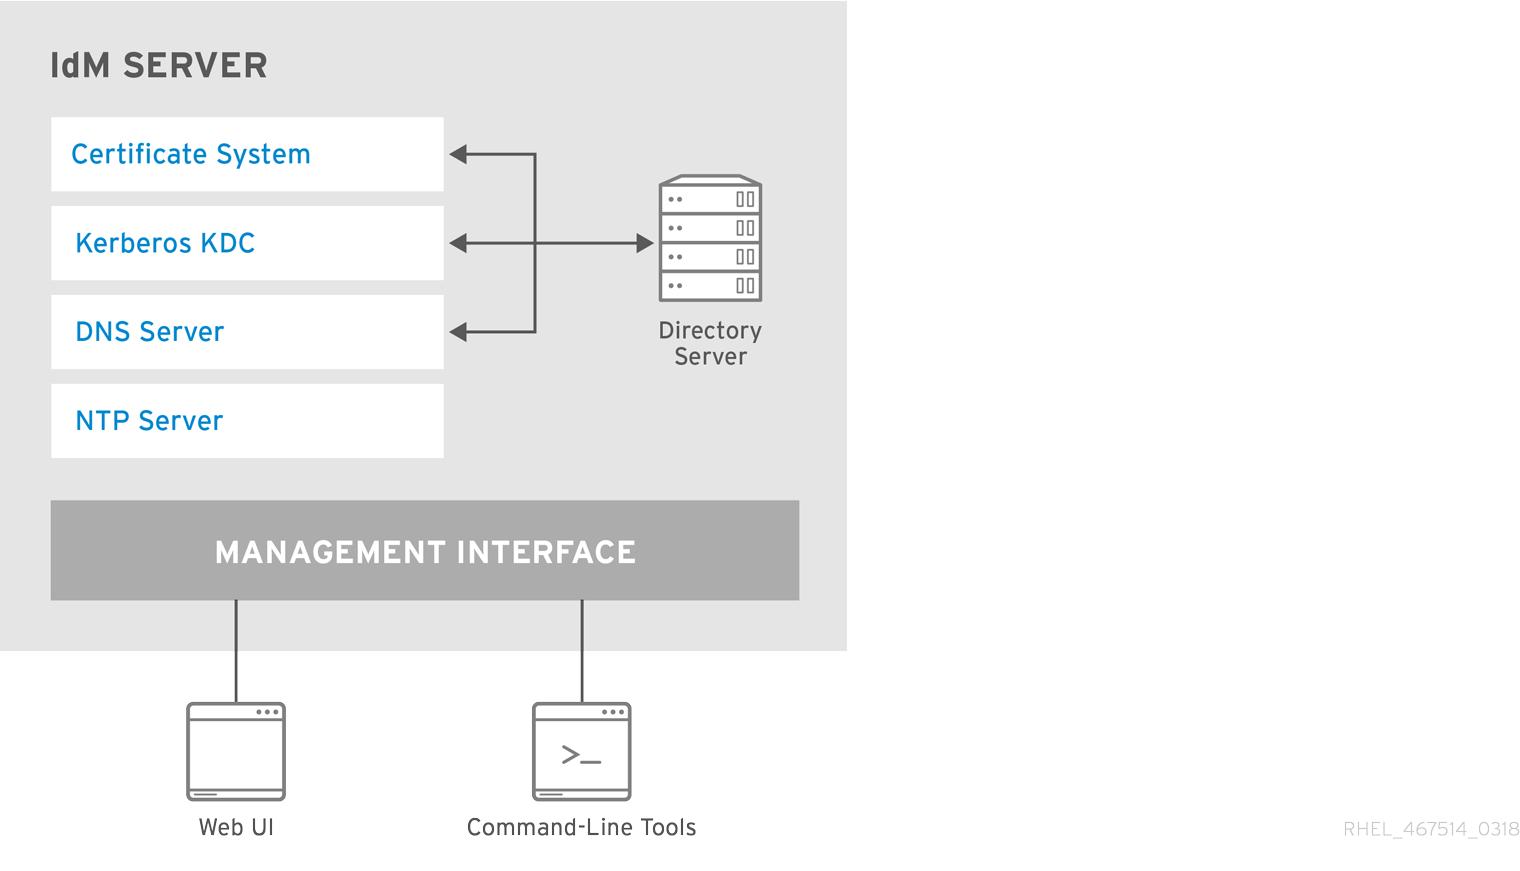 IdentityManagement サーバーによるサービスの一元管理